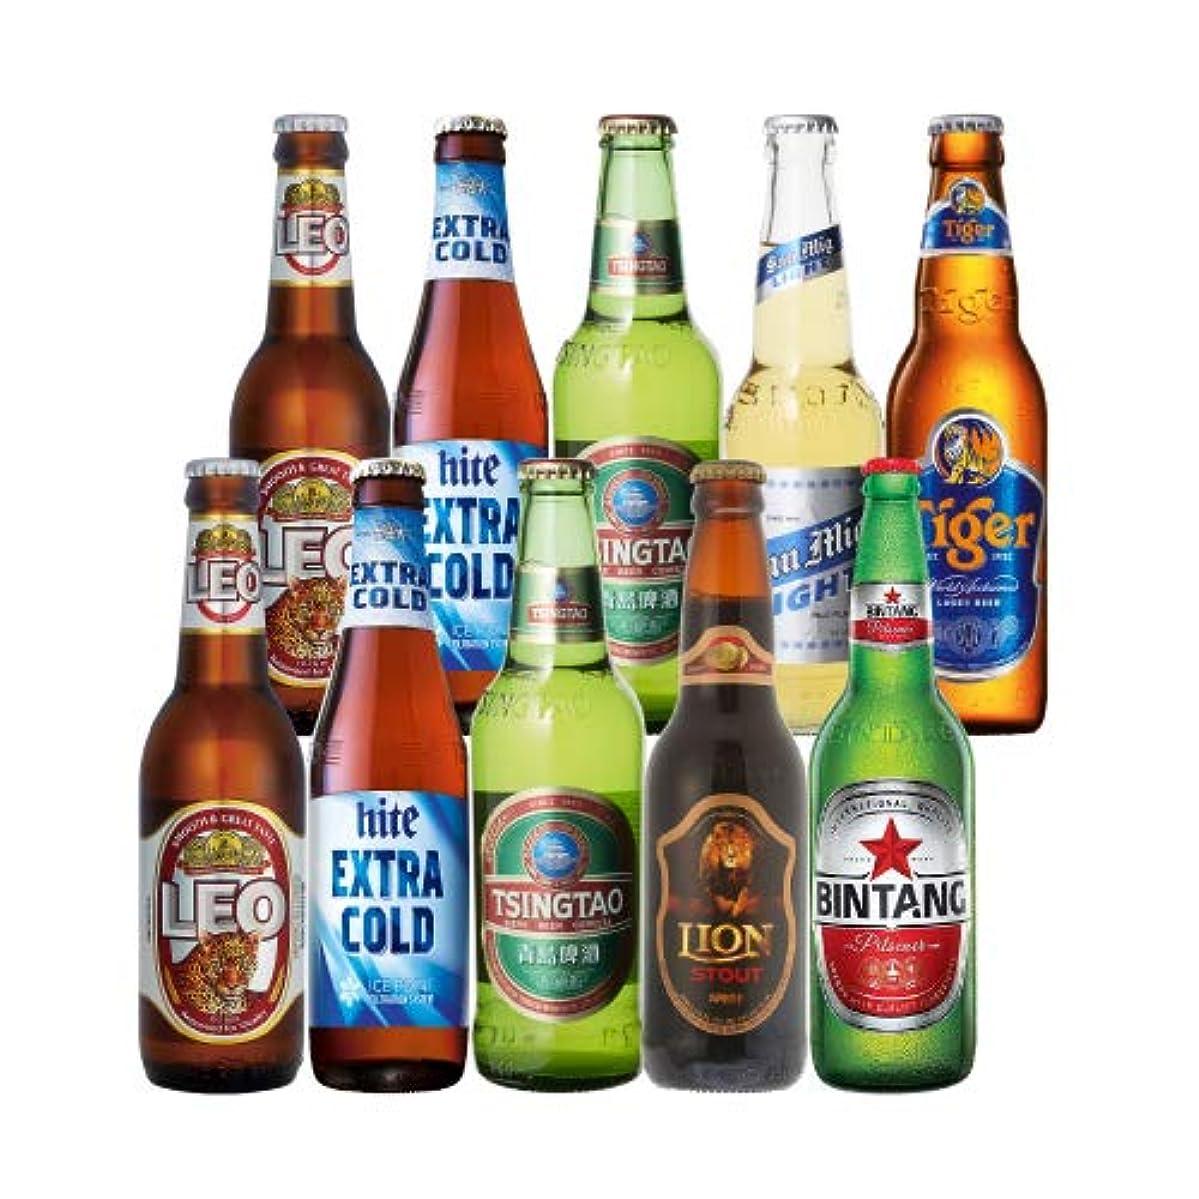 見分けるできれば職業アジア7か国10本セット [アジアビール][送料無料][瓶][ギフト][詰め合わせ][飲み比べ][ビールセット][長S]